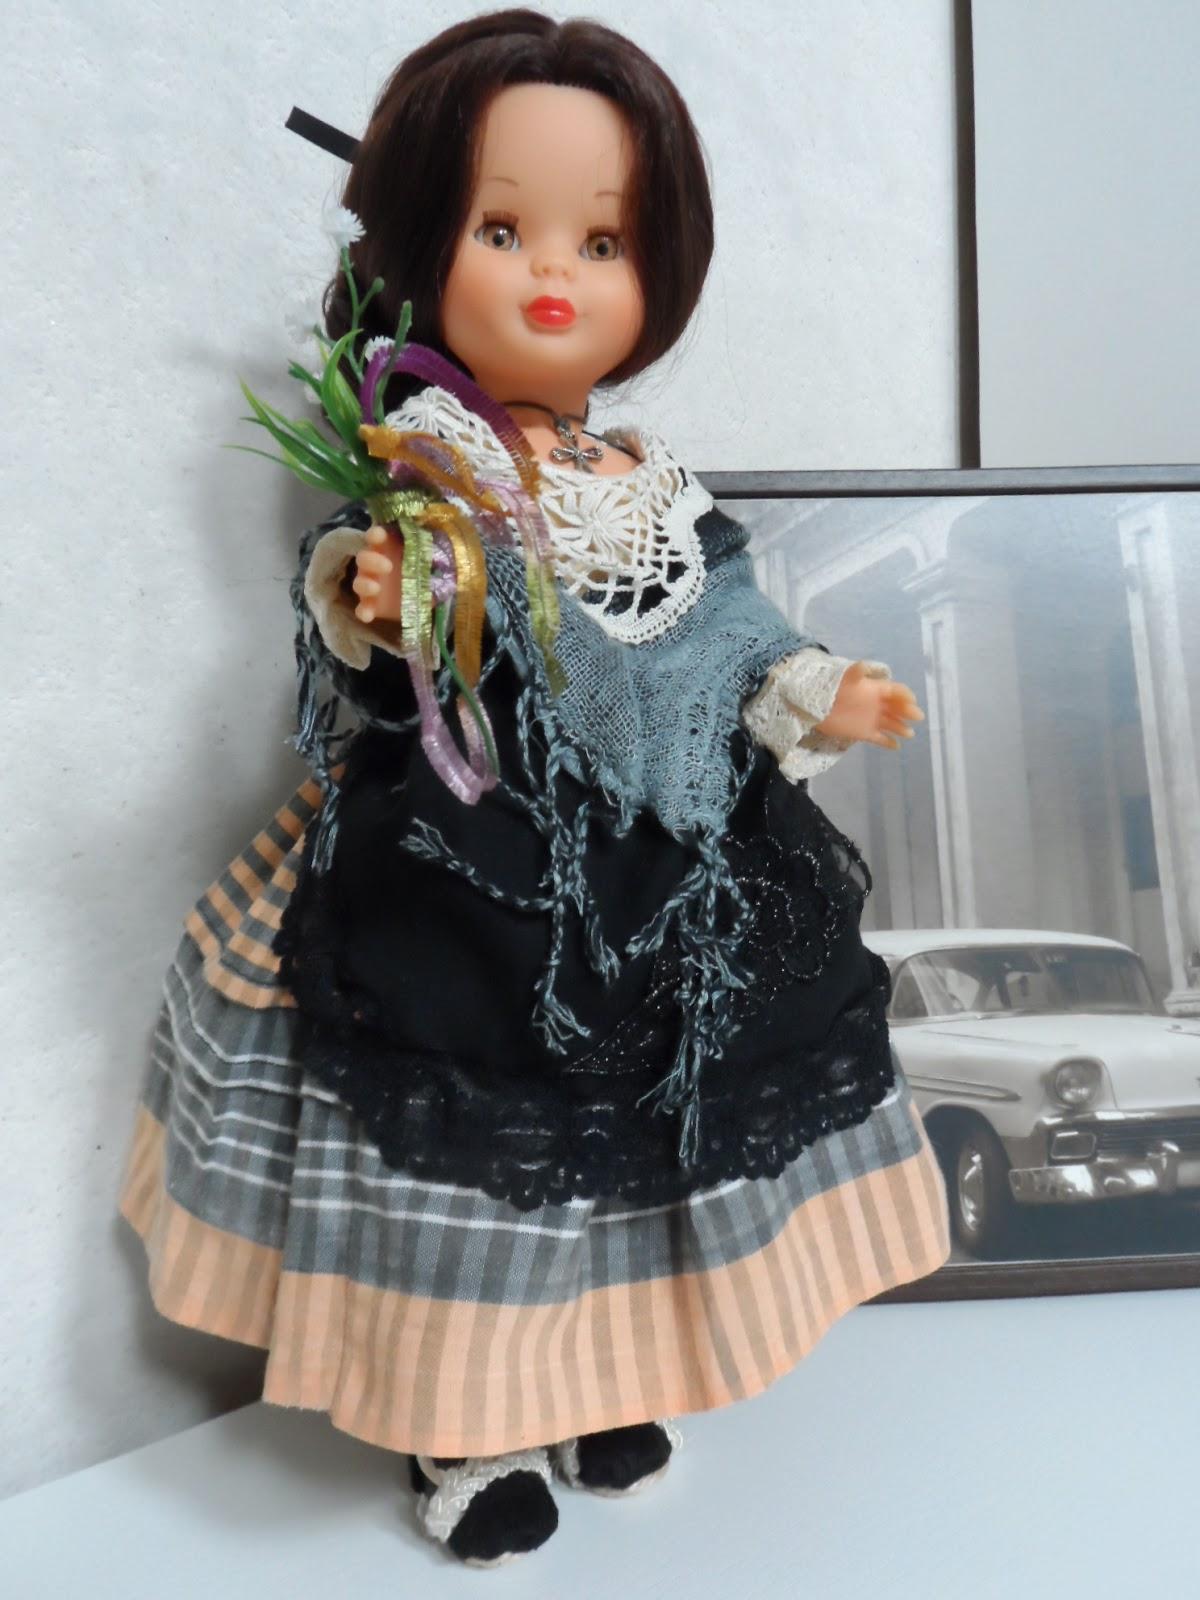 Nancy de famosa vestida de baturra 2014